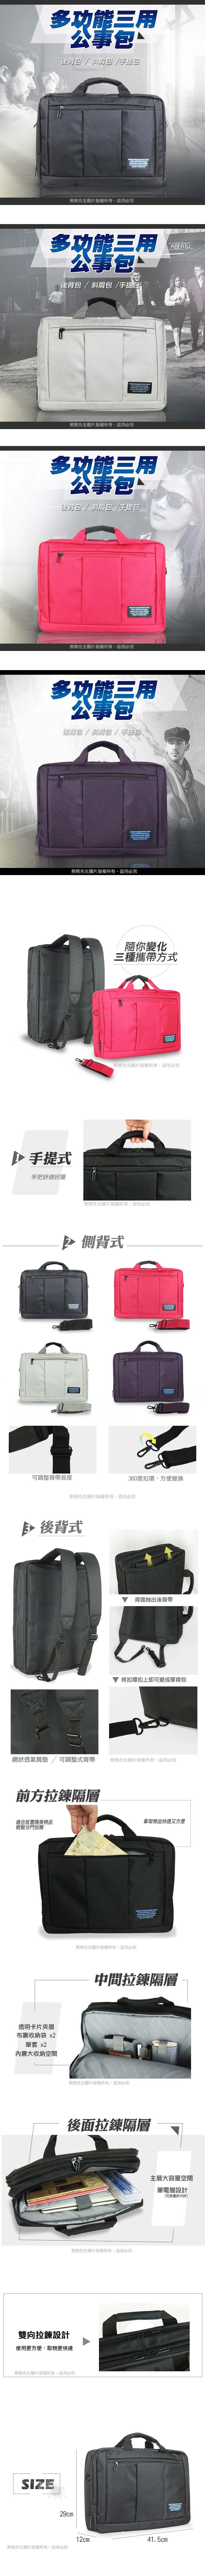 briefcase.jpg (750×8760)